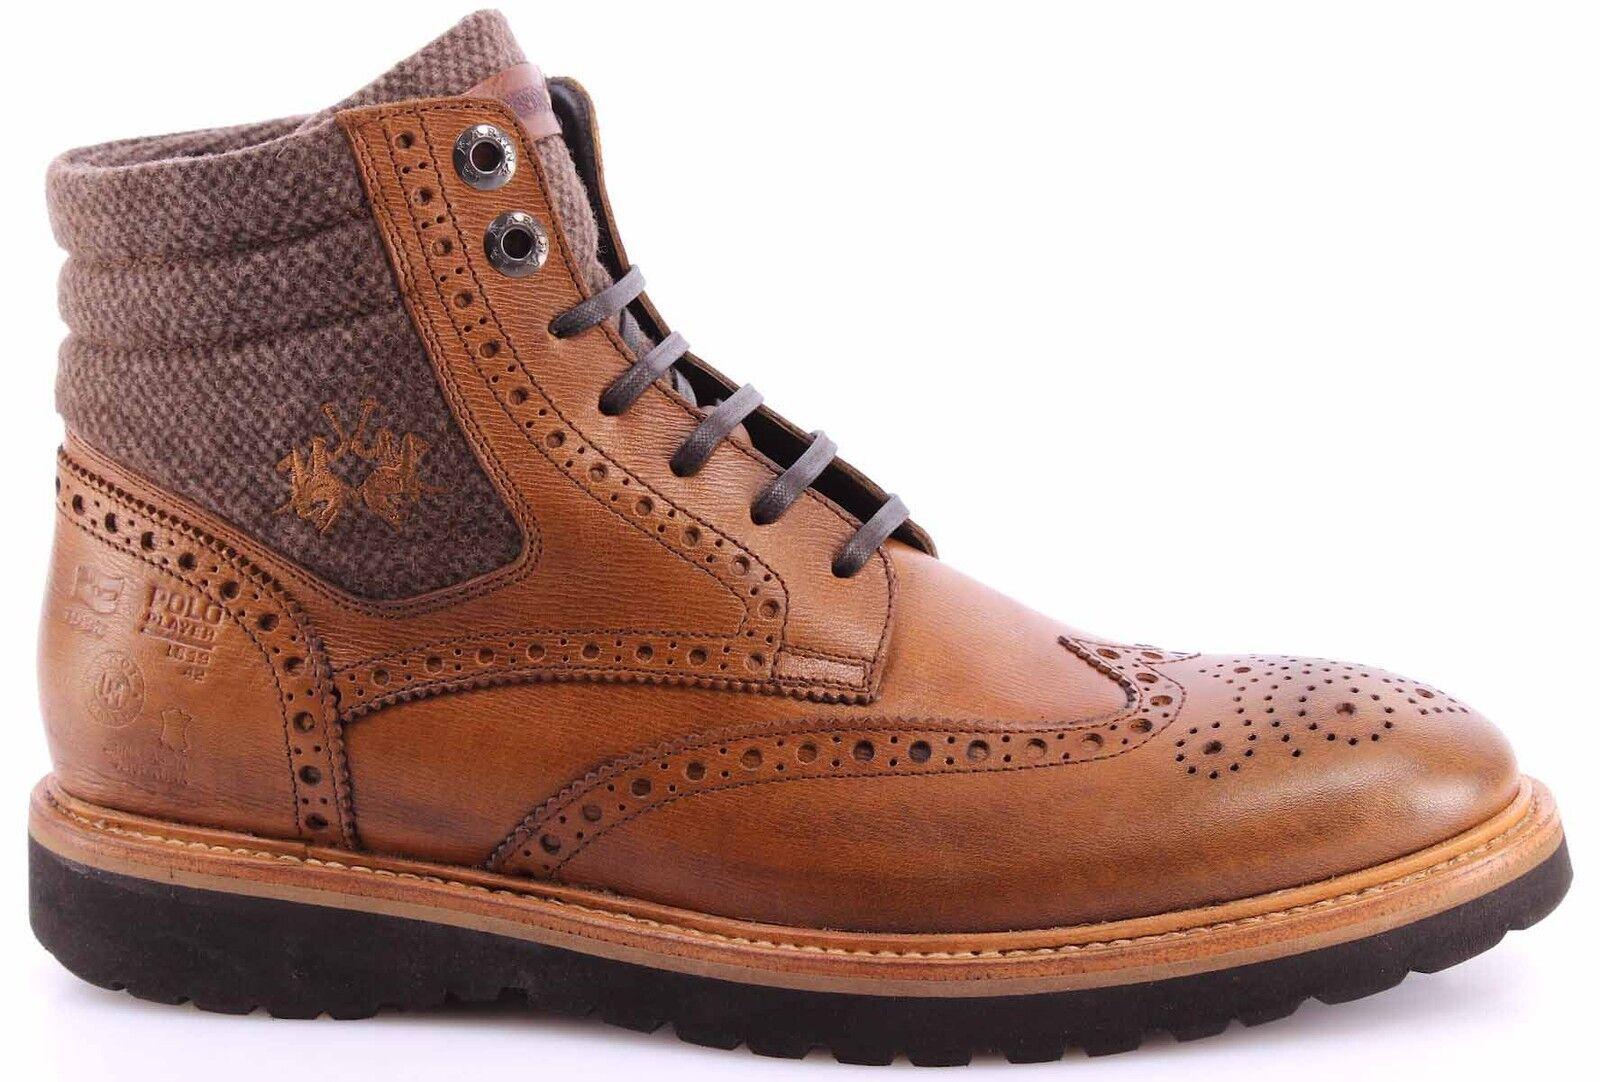 Herren Stiefeletten Stiefeletten Stiefeletten Schuhe LA MARTINA L9020116 Franz Timber Tex Sherwood  9f5361